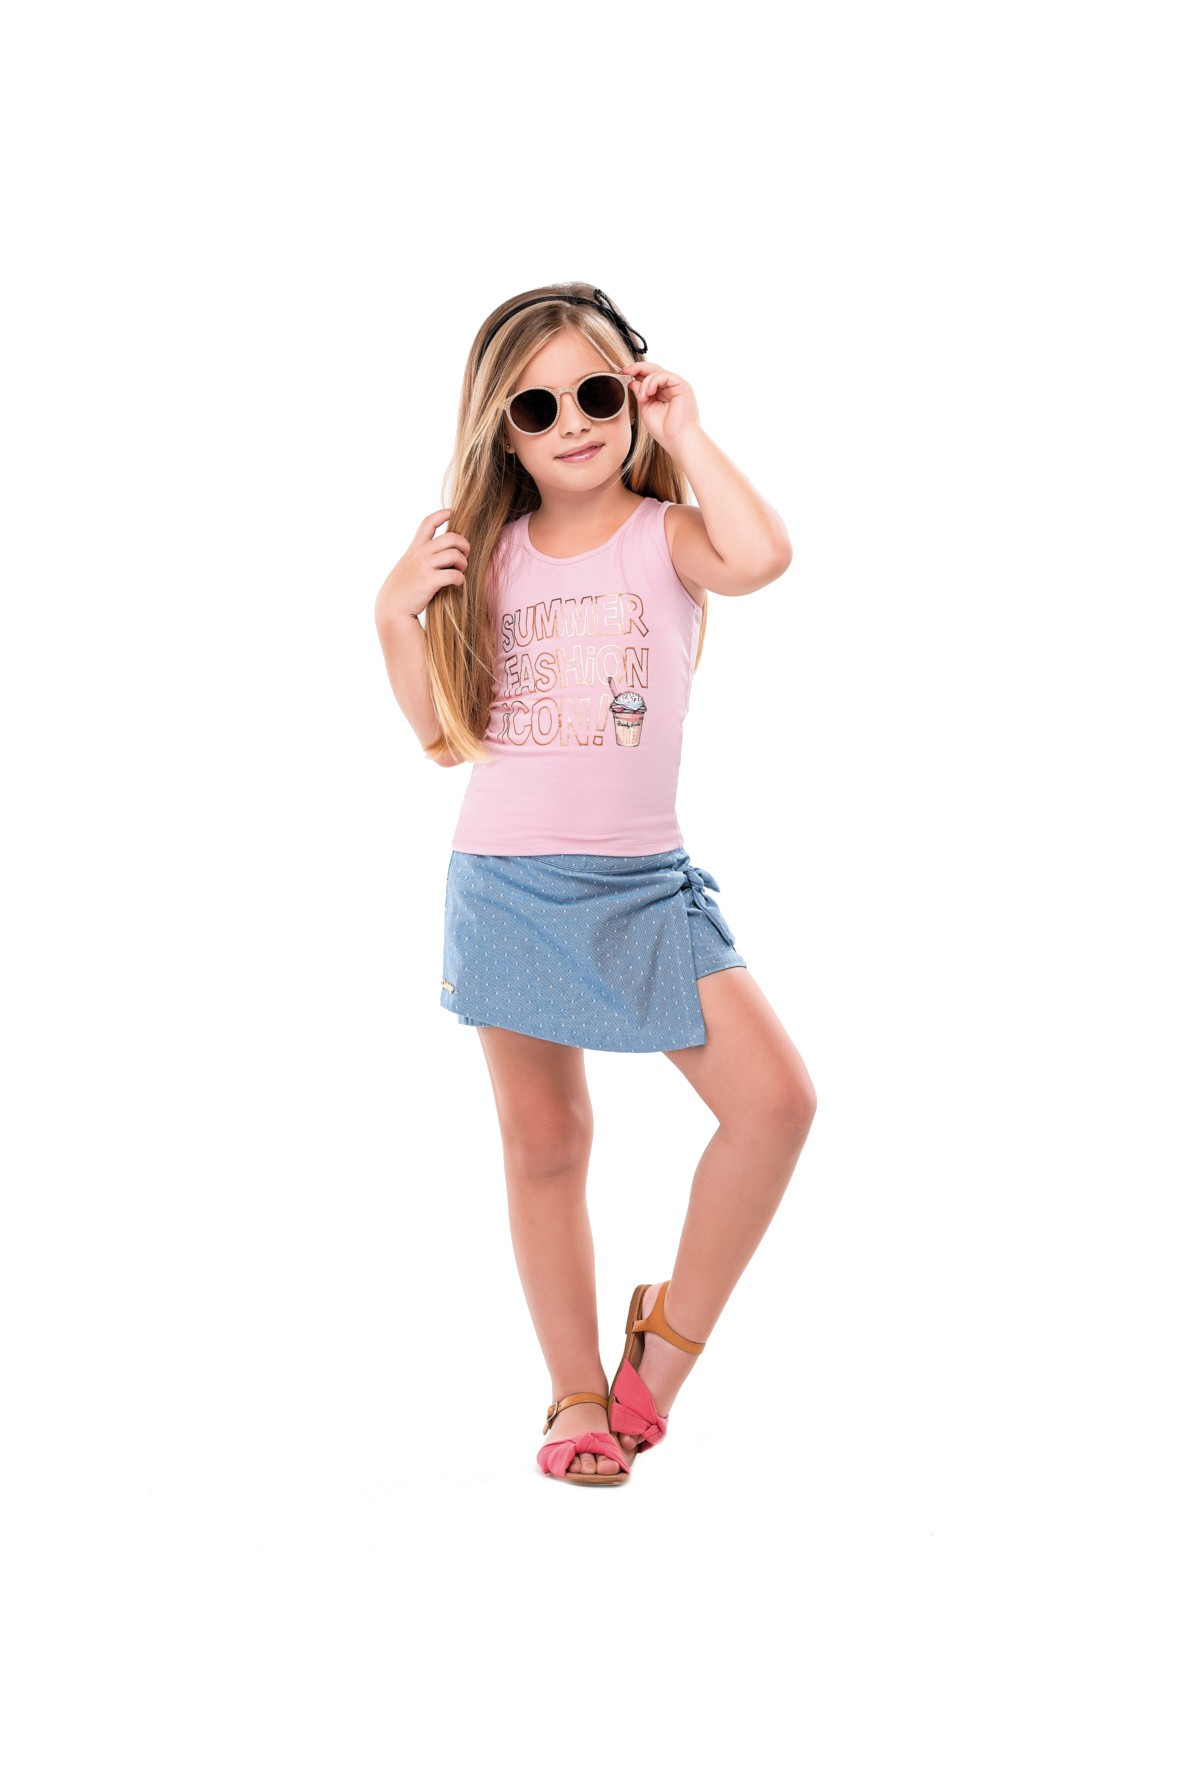 Zestaw ubrań dla dziewczynki koszulka i szorty